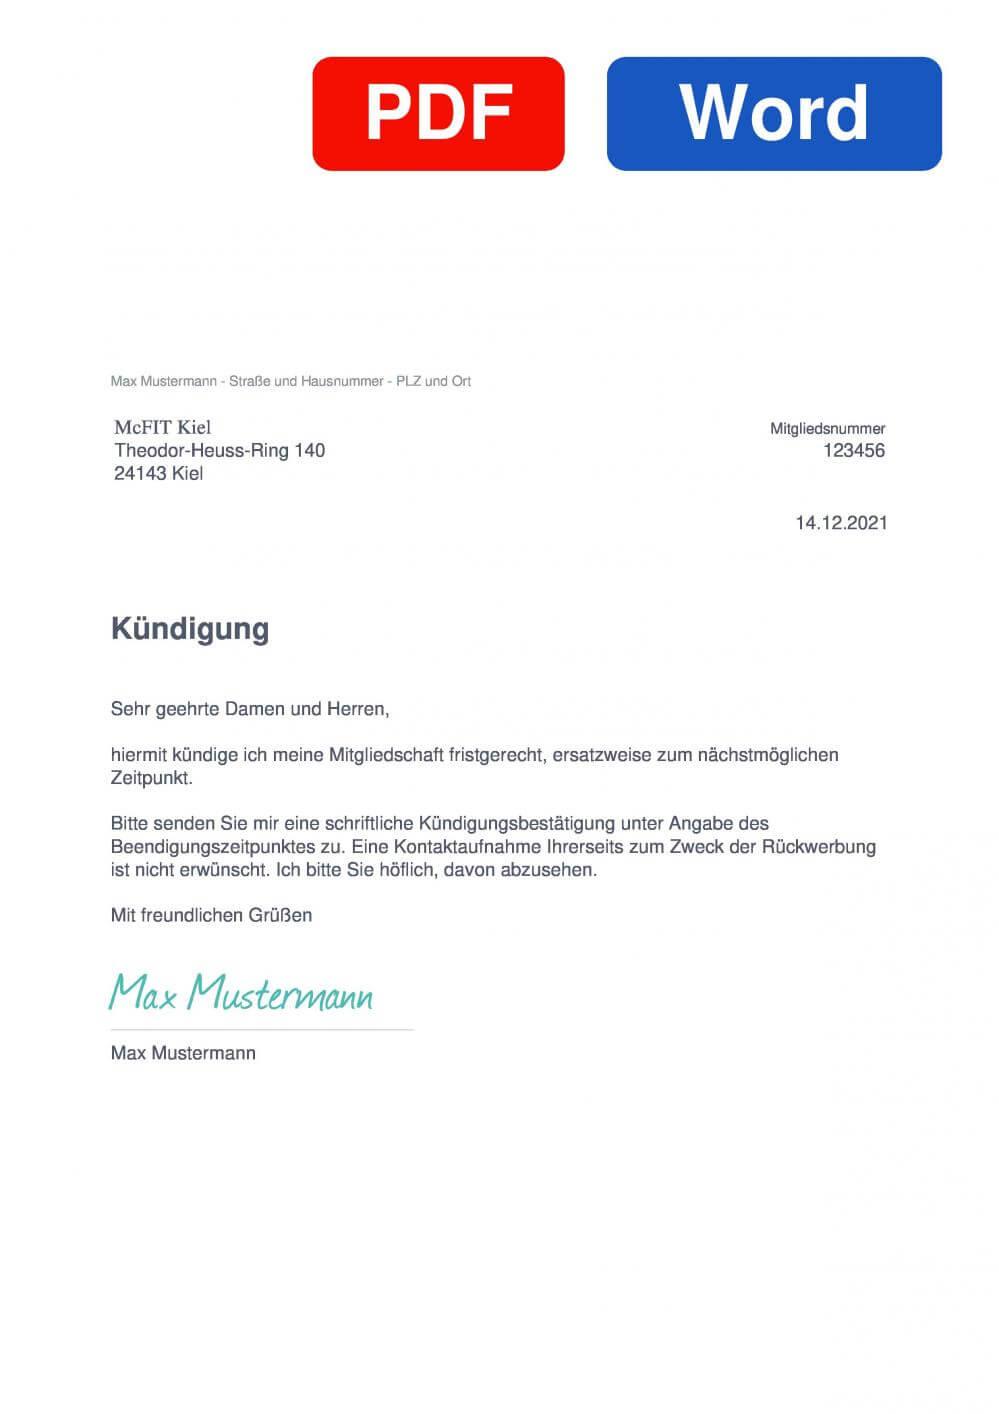 McFIT Kiel Muster Vorlage für Kündigungsschreiben